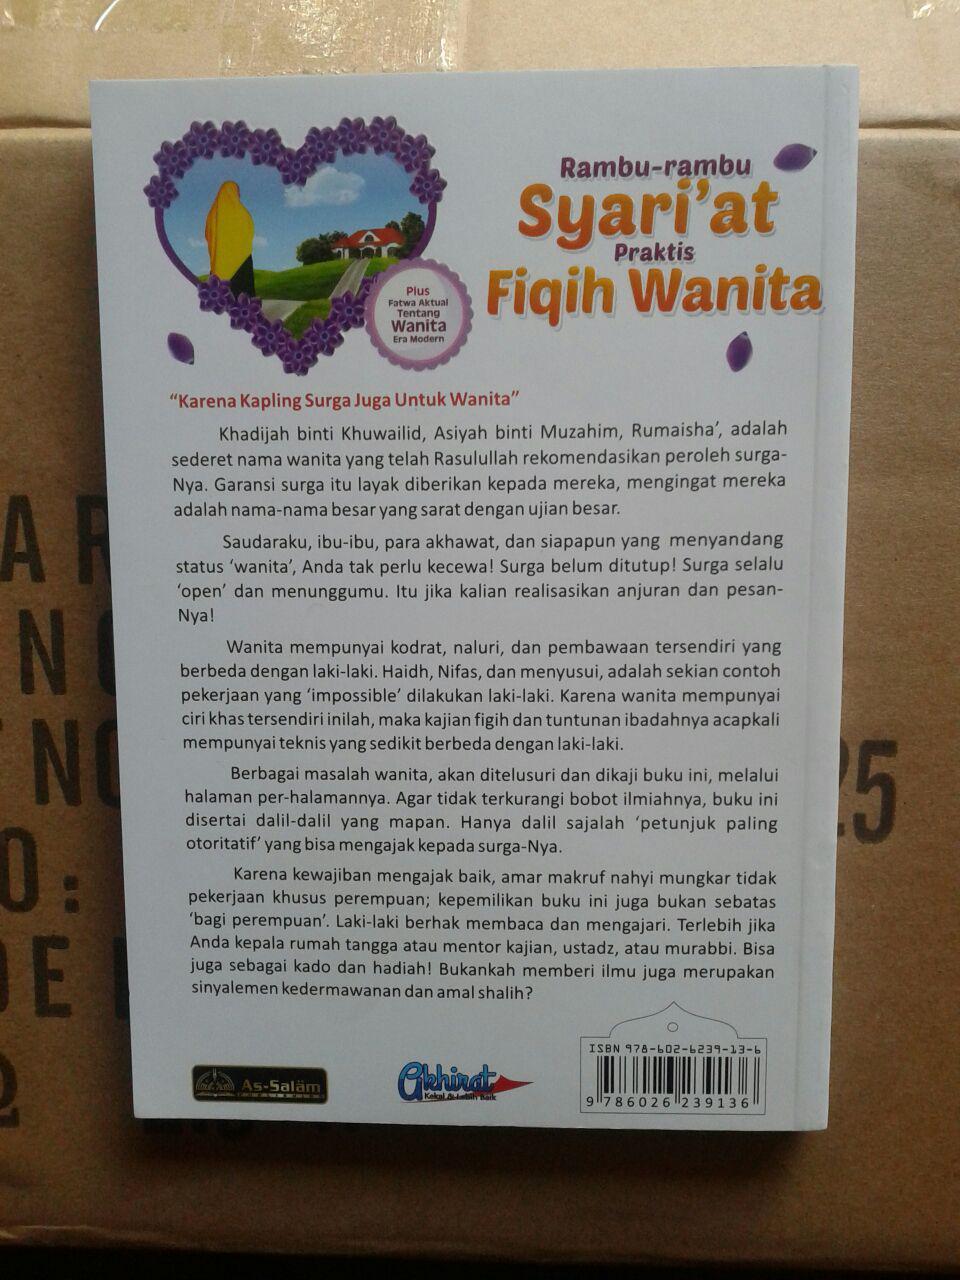 Buku Rambu-Rambu Syariat Praktis Fiqih Wanita cover 2